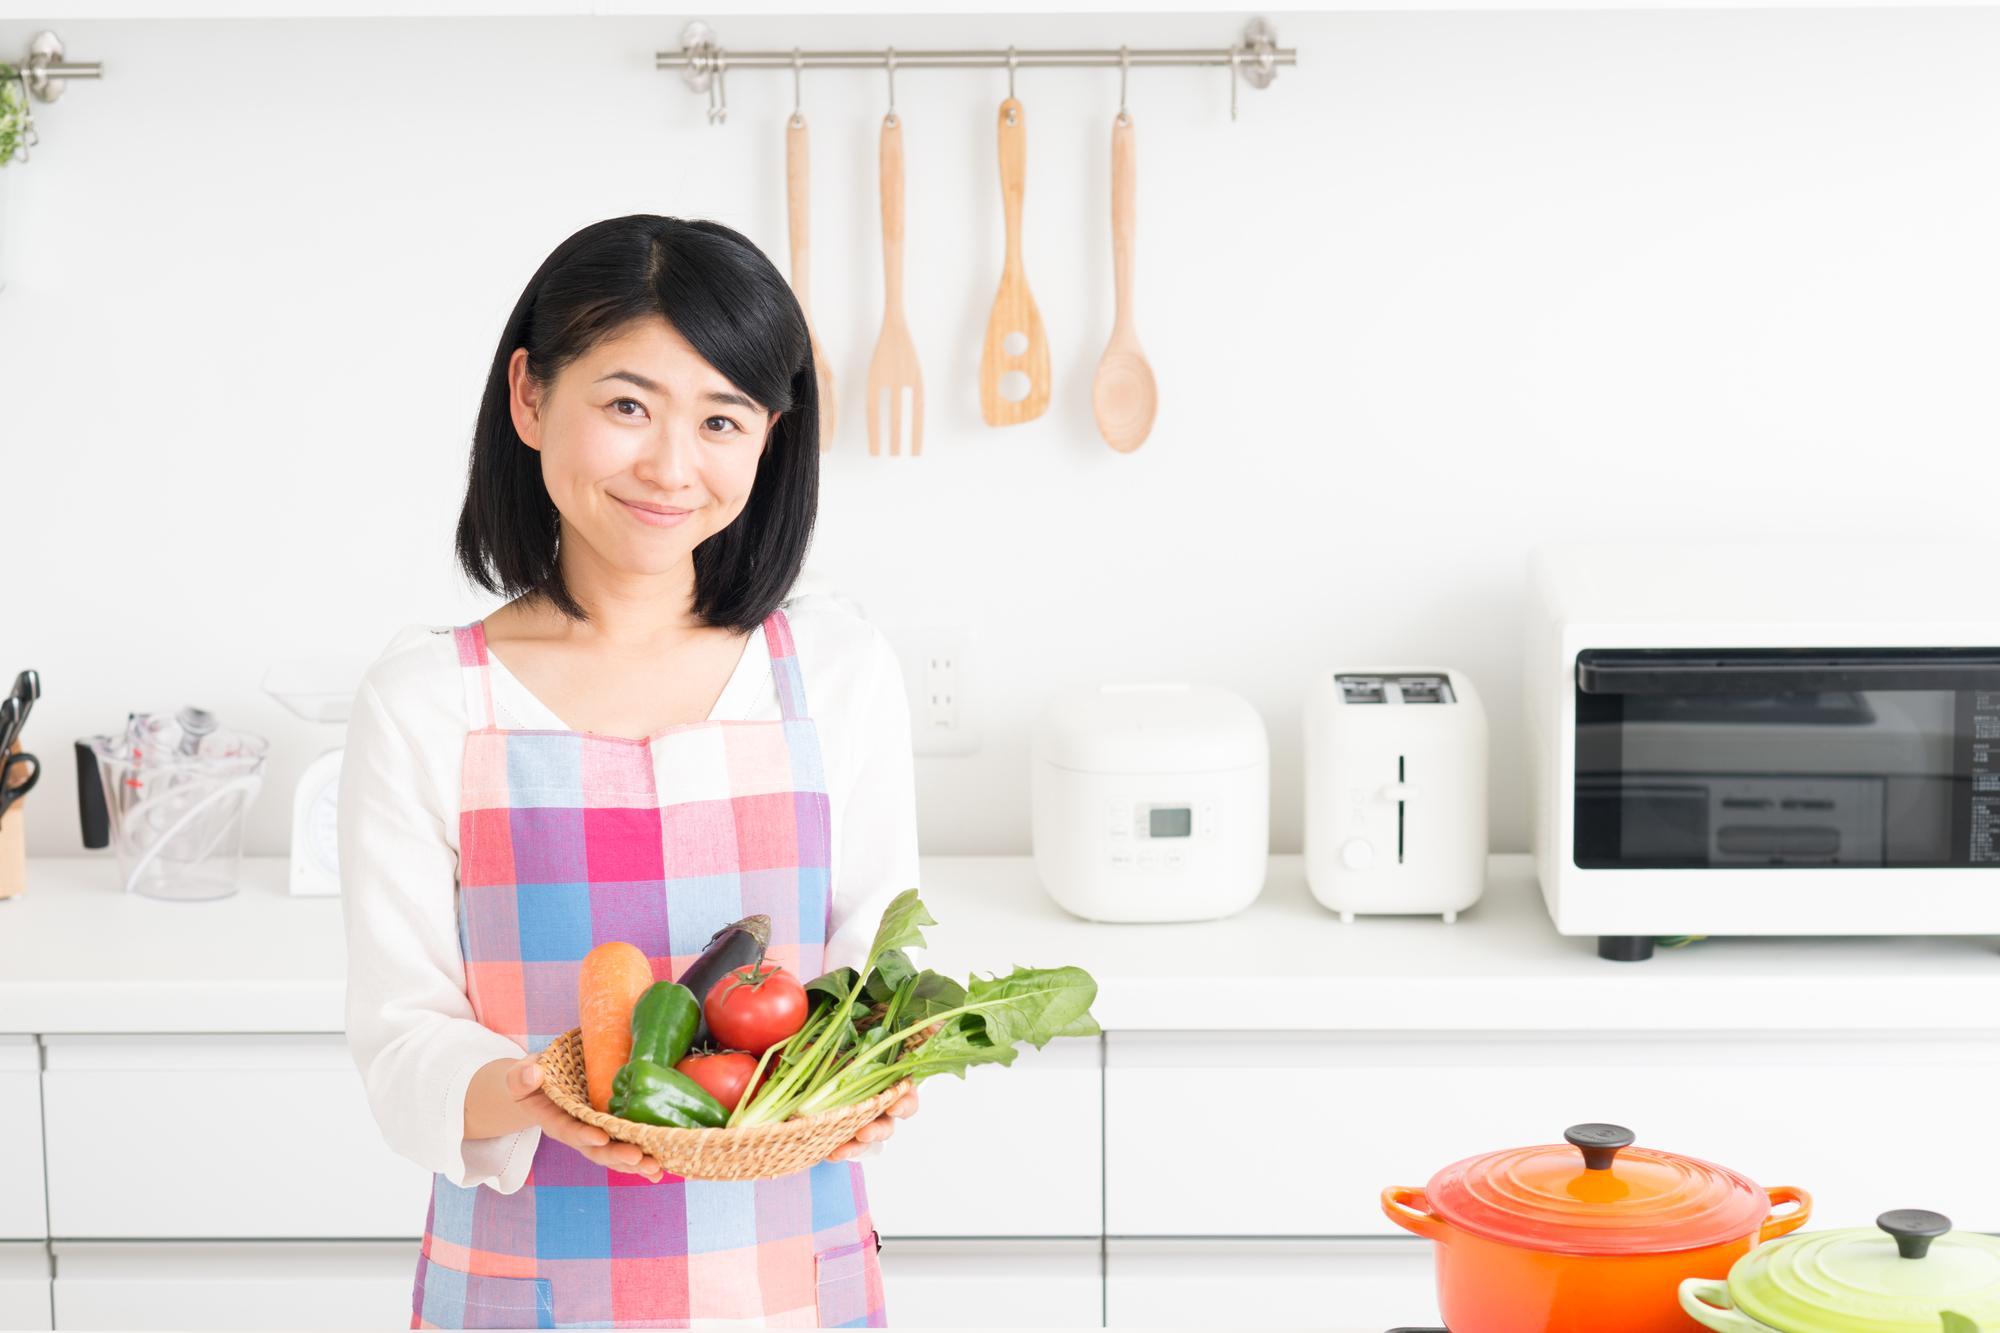 食中毒を予防するためにできること ~ 食品取り扱いのポイント ~